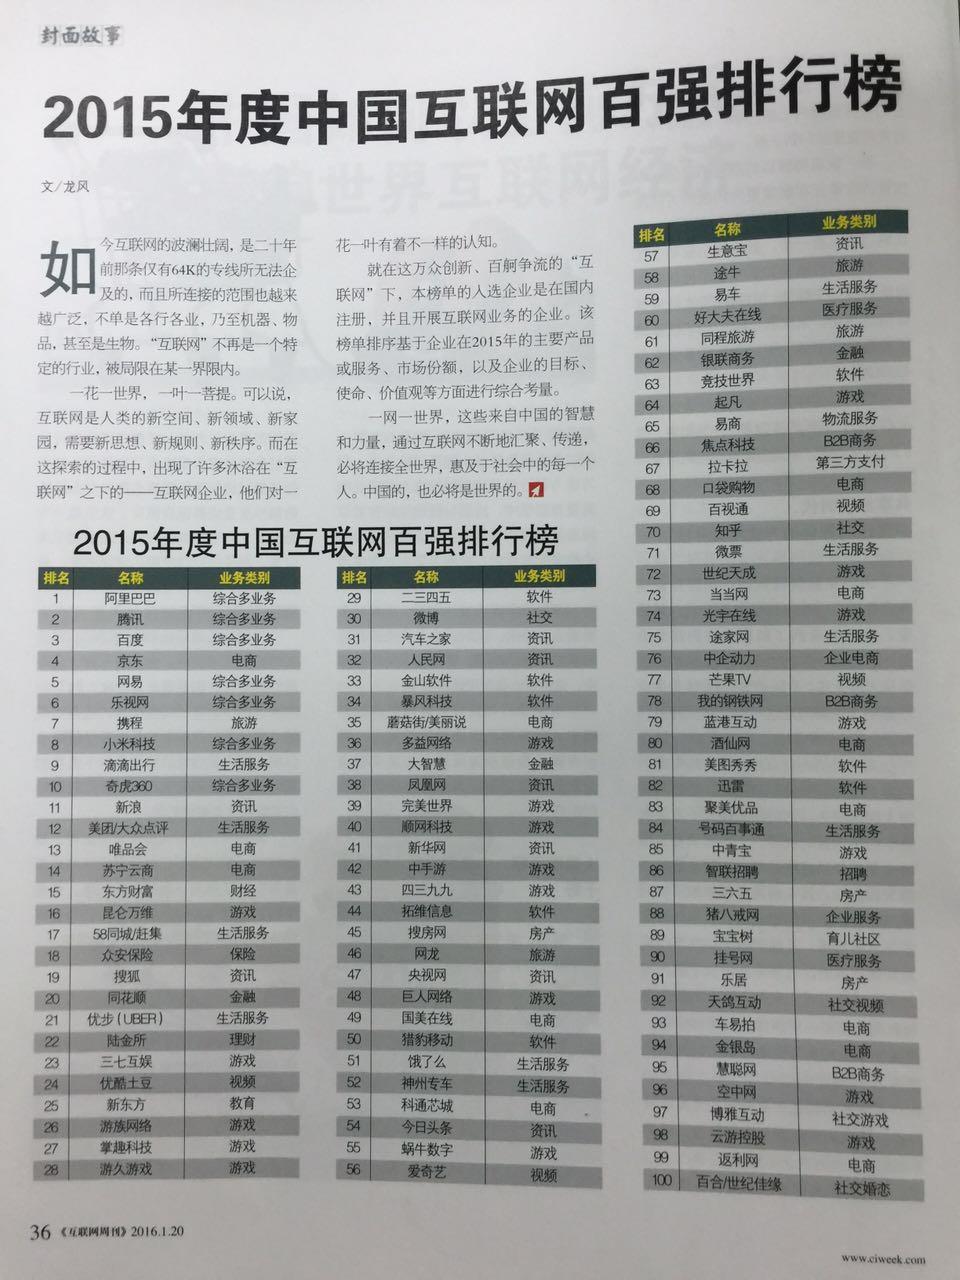 2015年度互联网百强排行榜